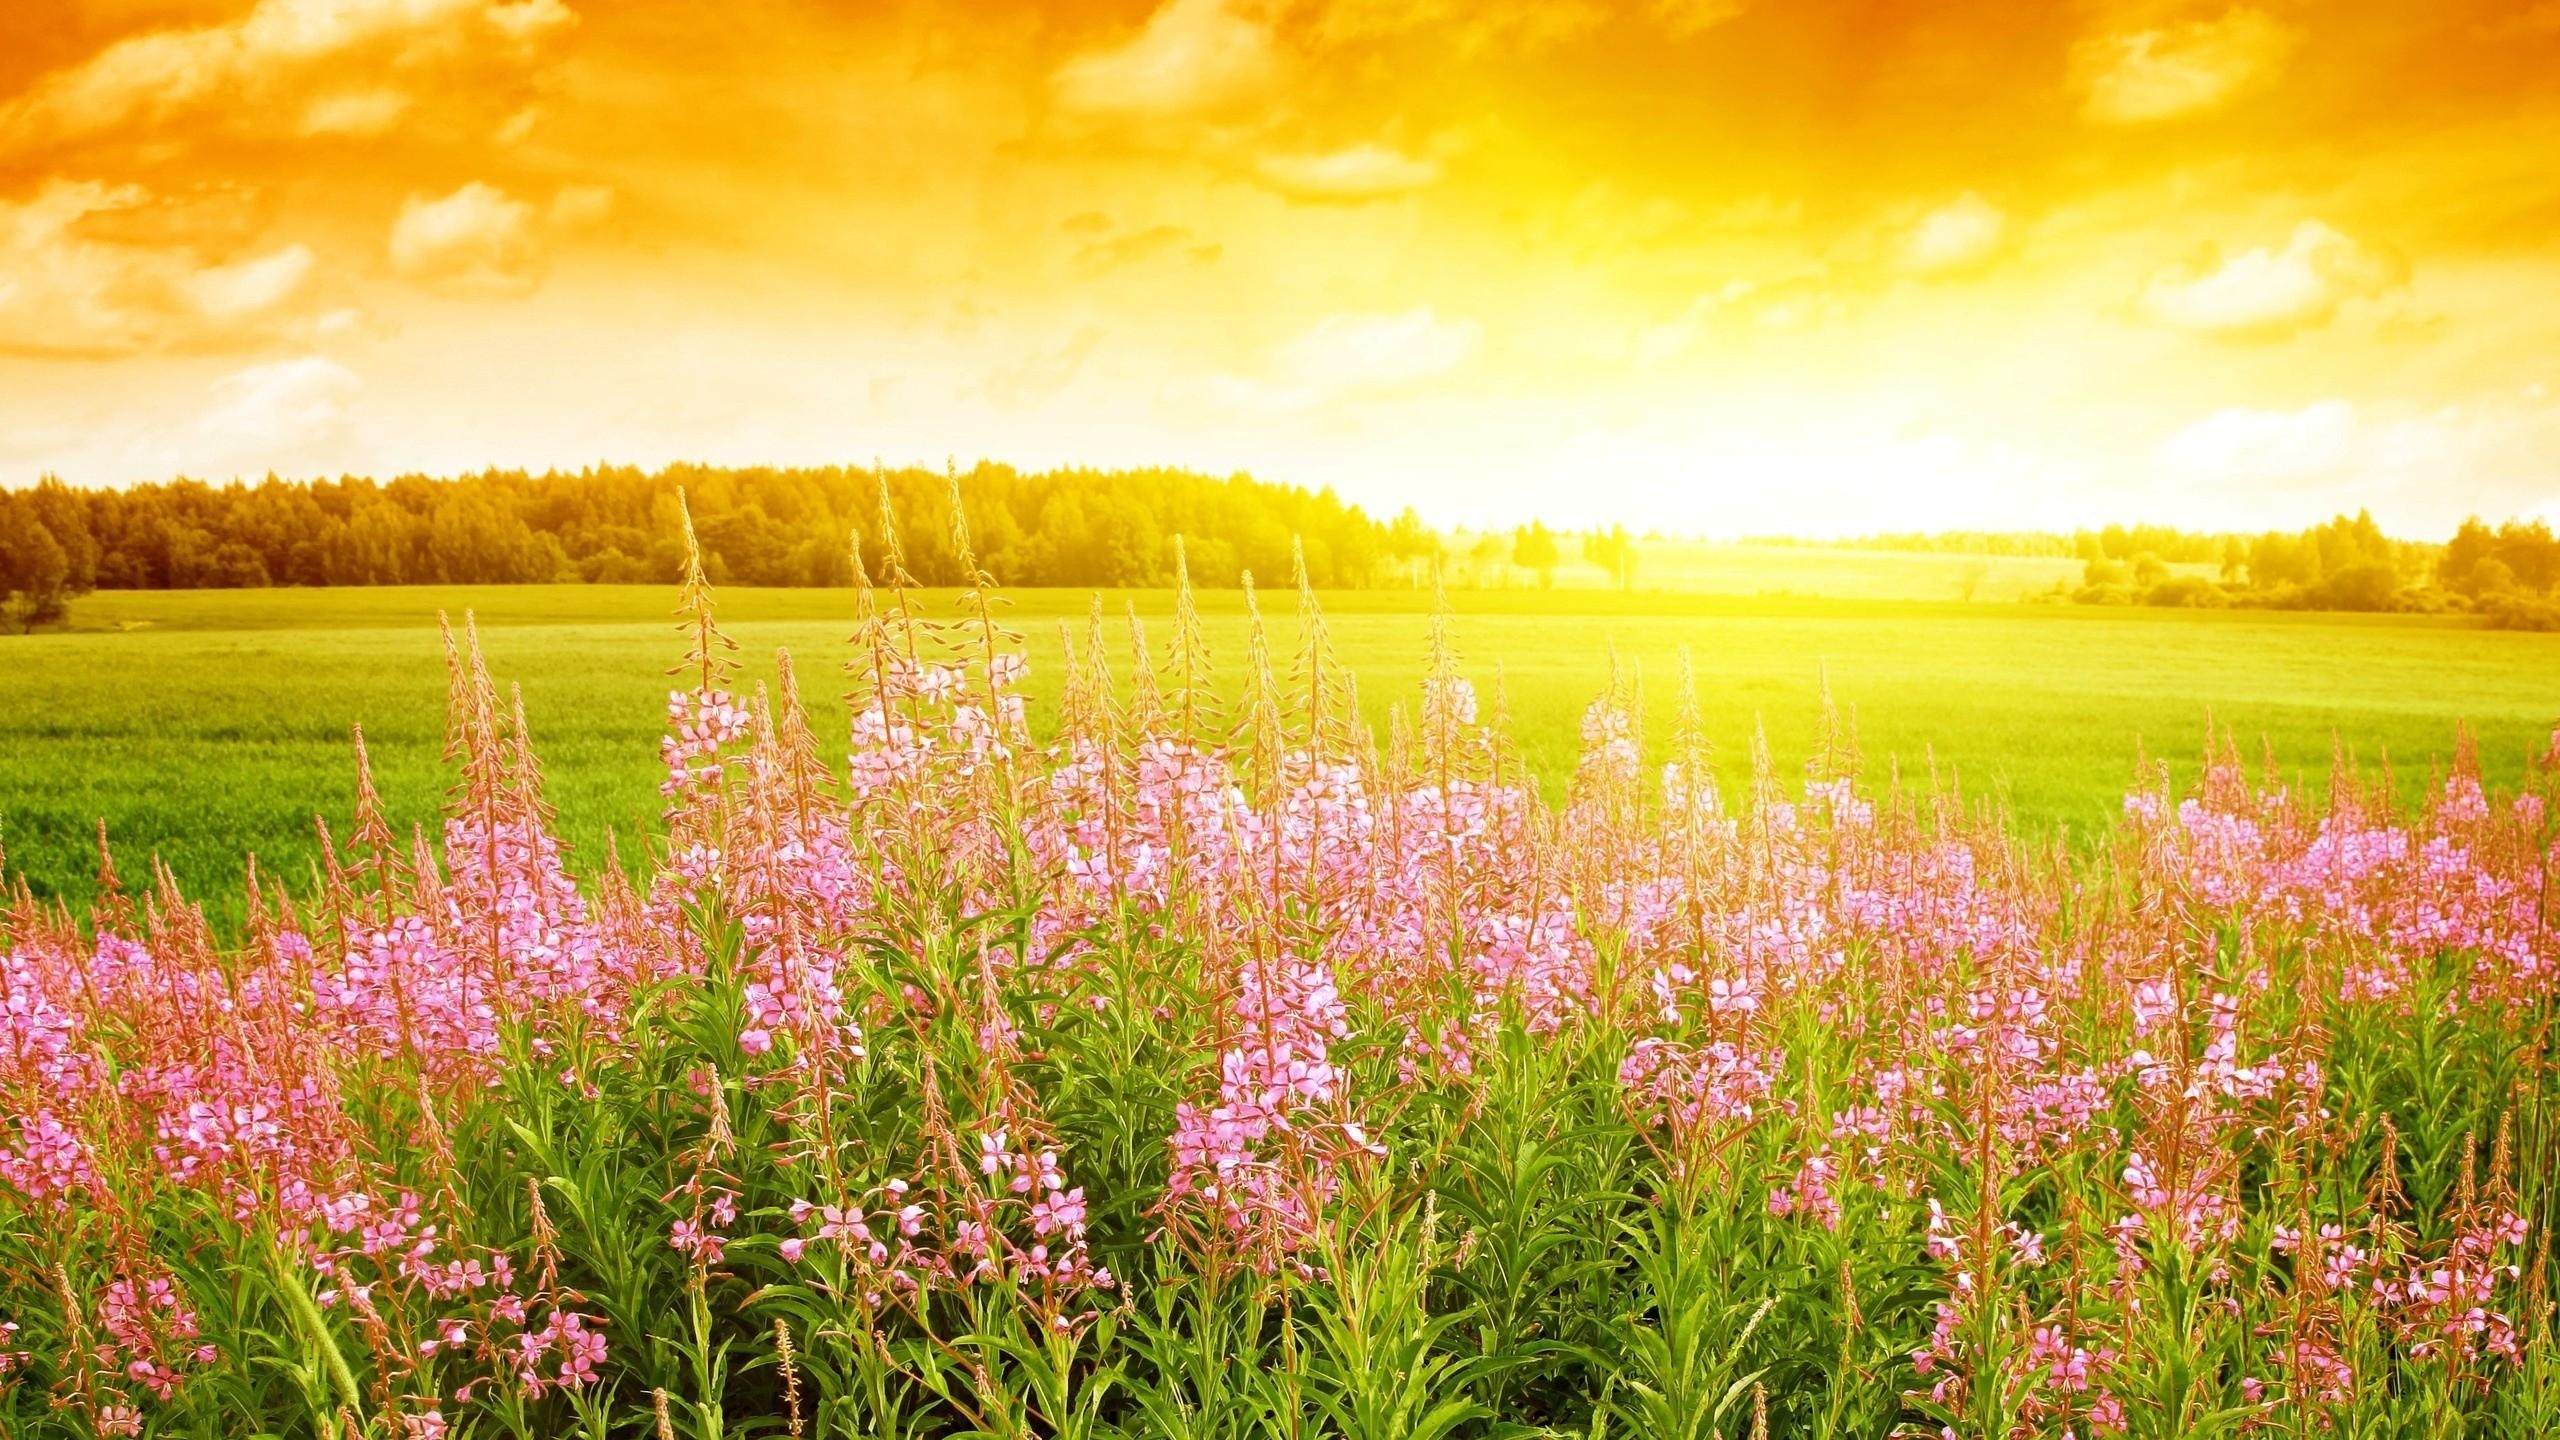 Fields of flower hd wallpaper for background vaststillness voltagebd Gallery